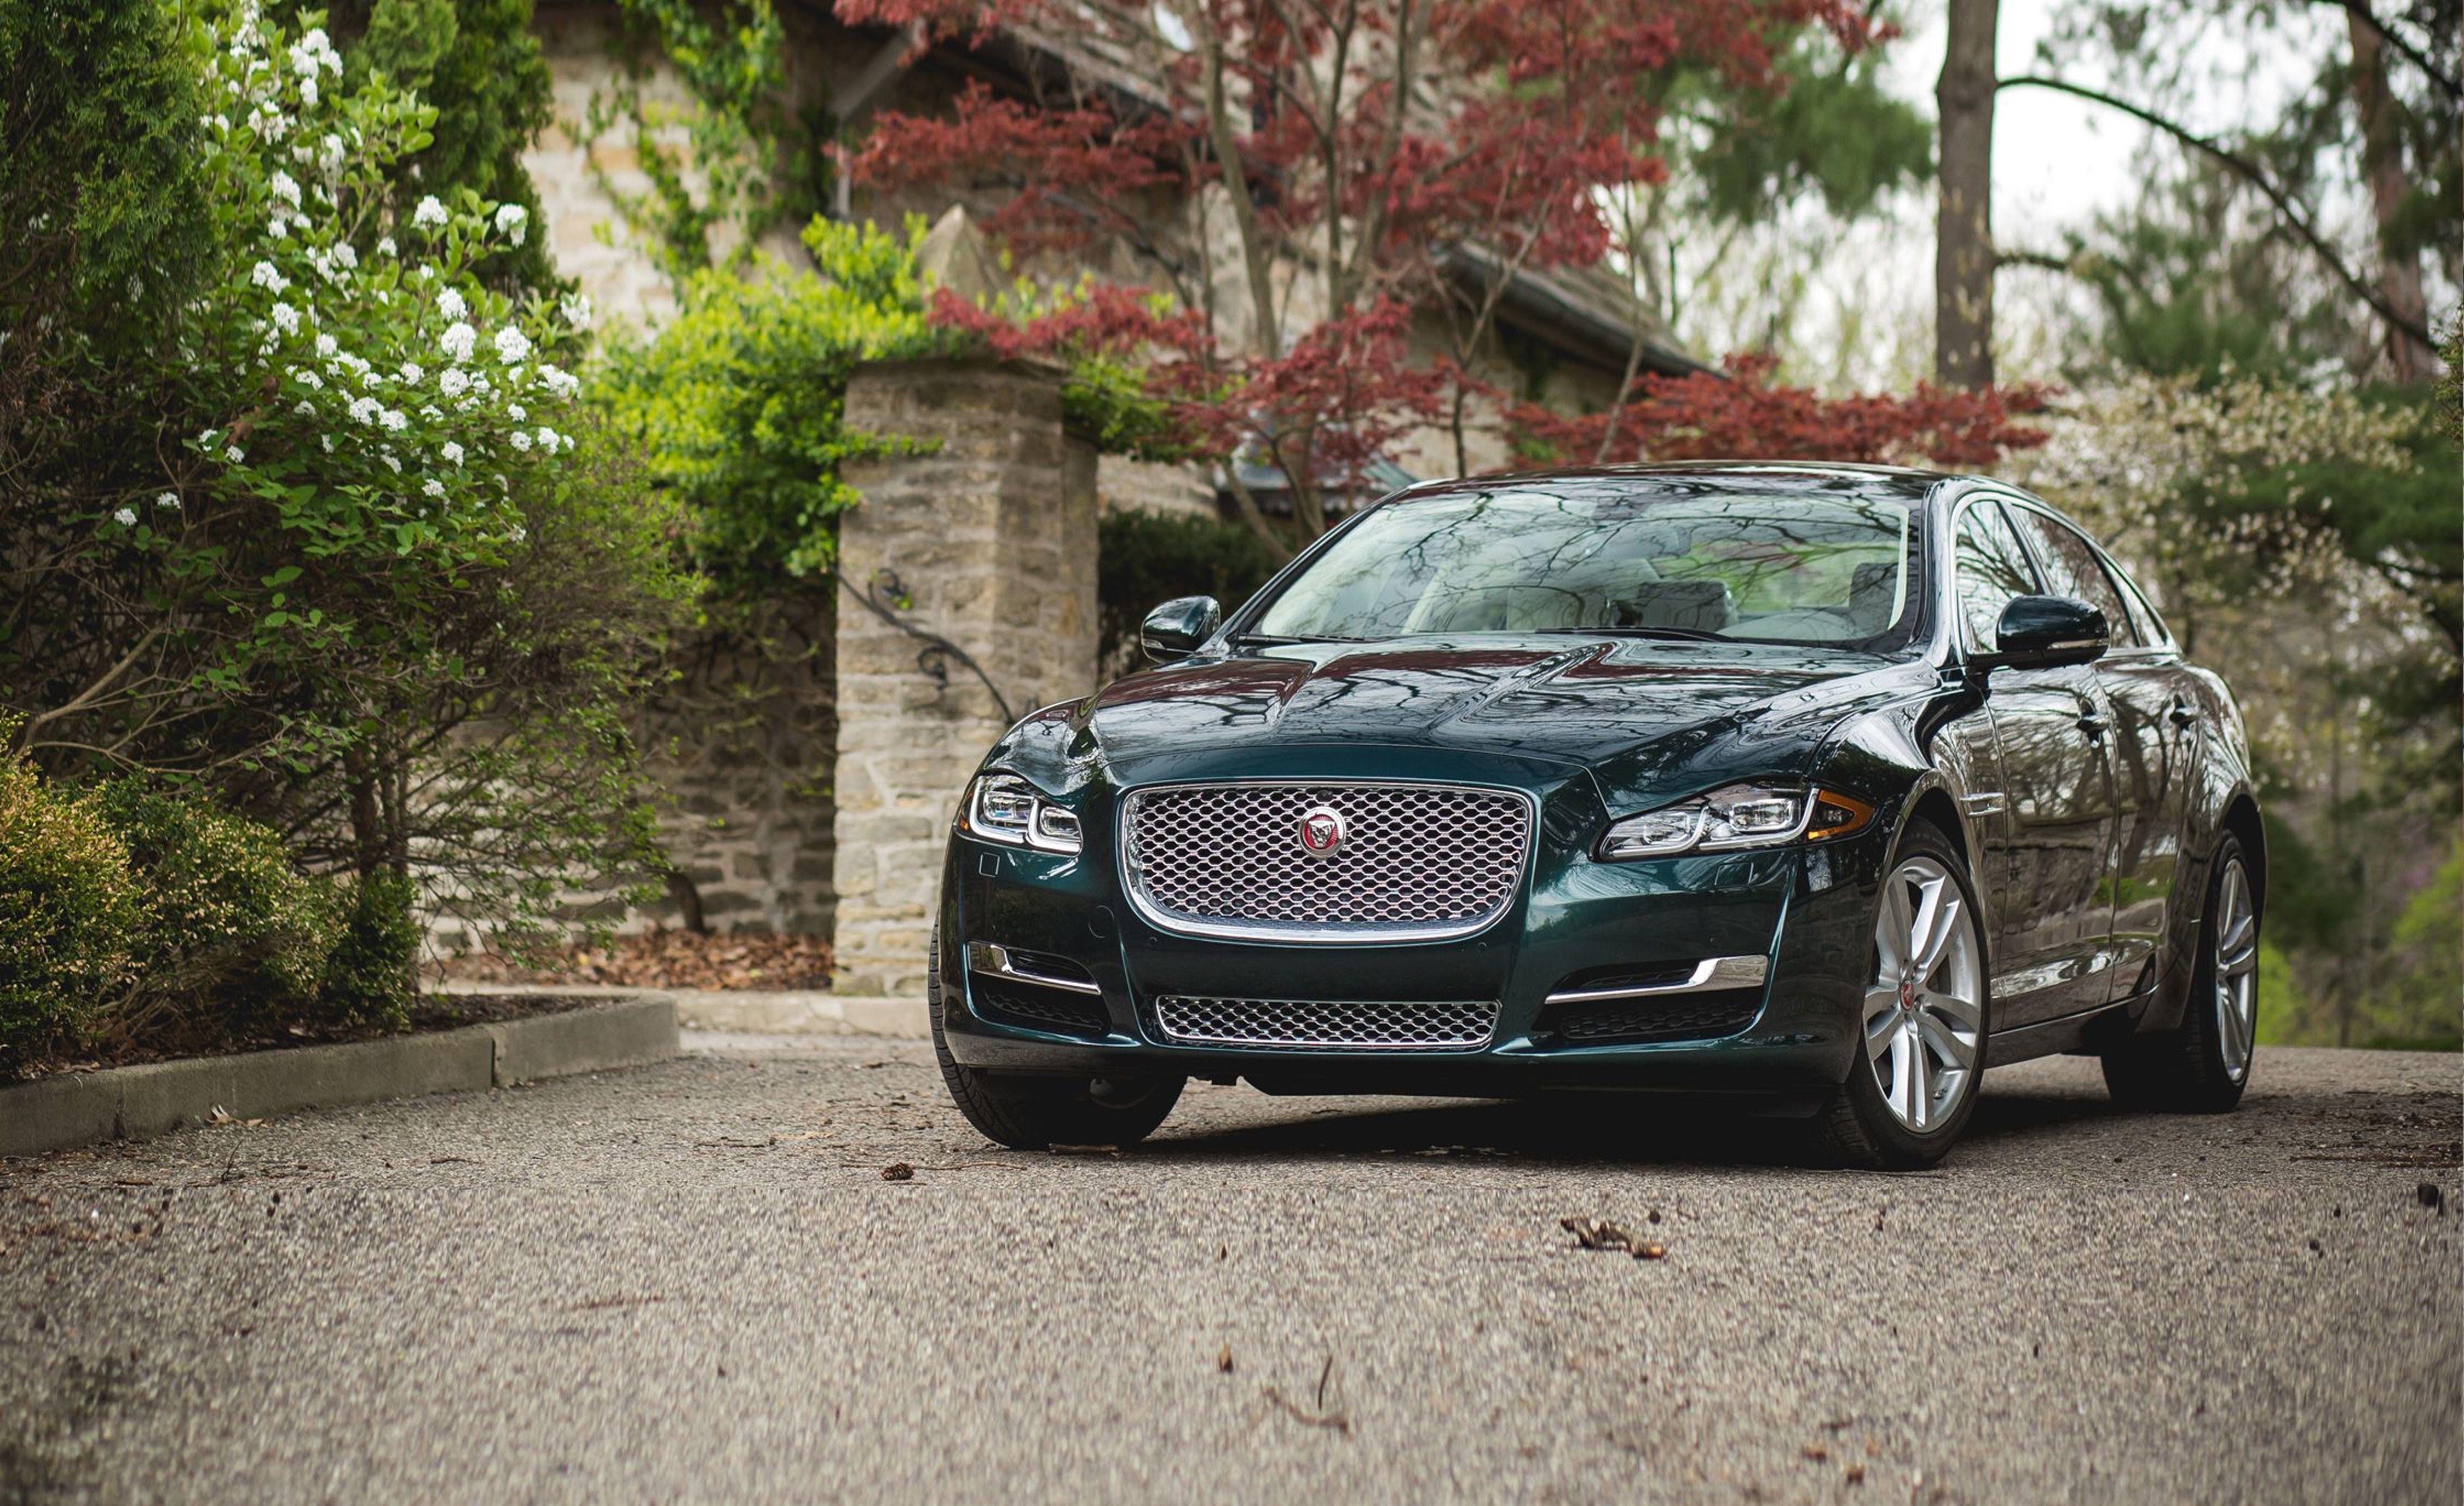 2019 Jaguar Xj Reviews Price Photos And Specs Car Driver